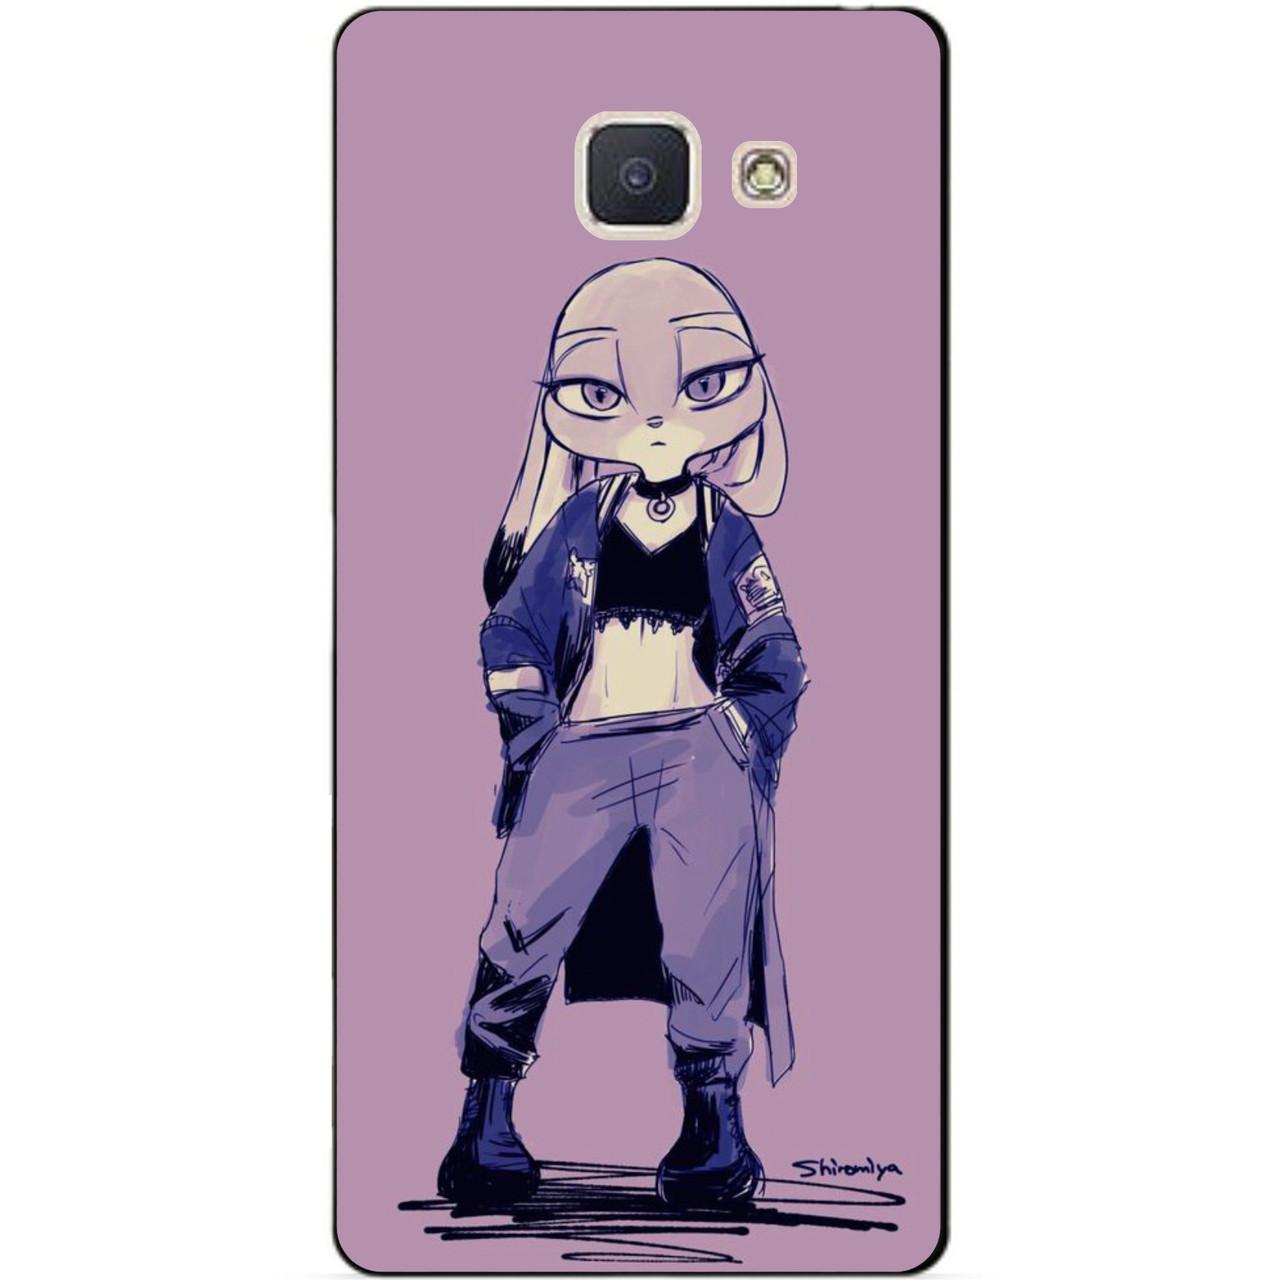 Силиконовая накладка для Samsung J5 Prime Galaxy G570 с картинкой Джокер